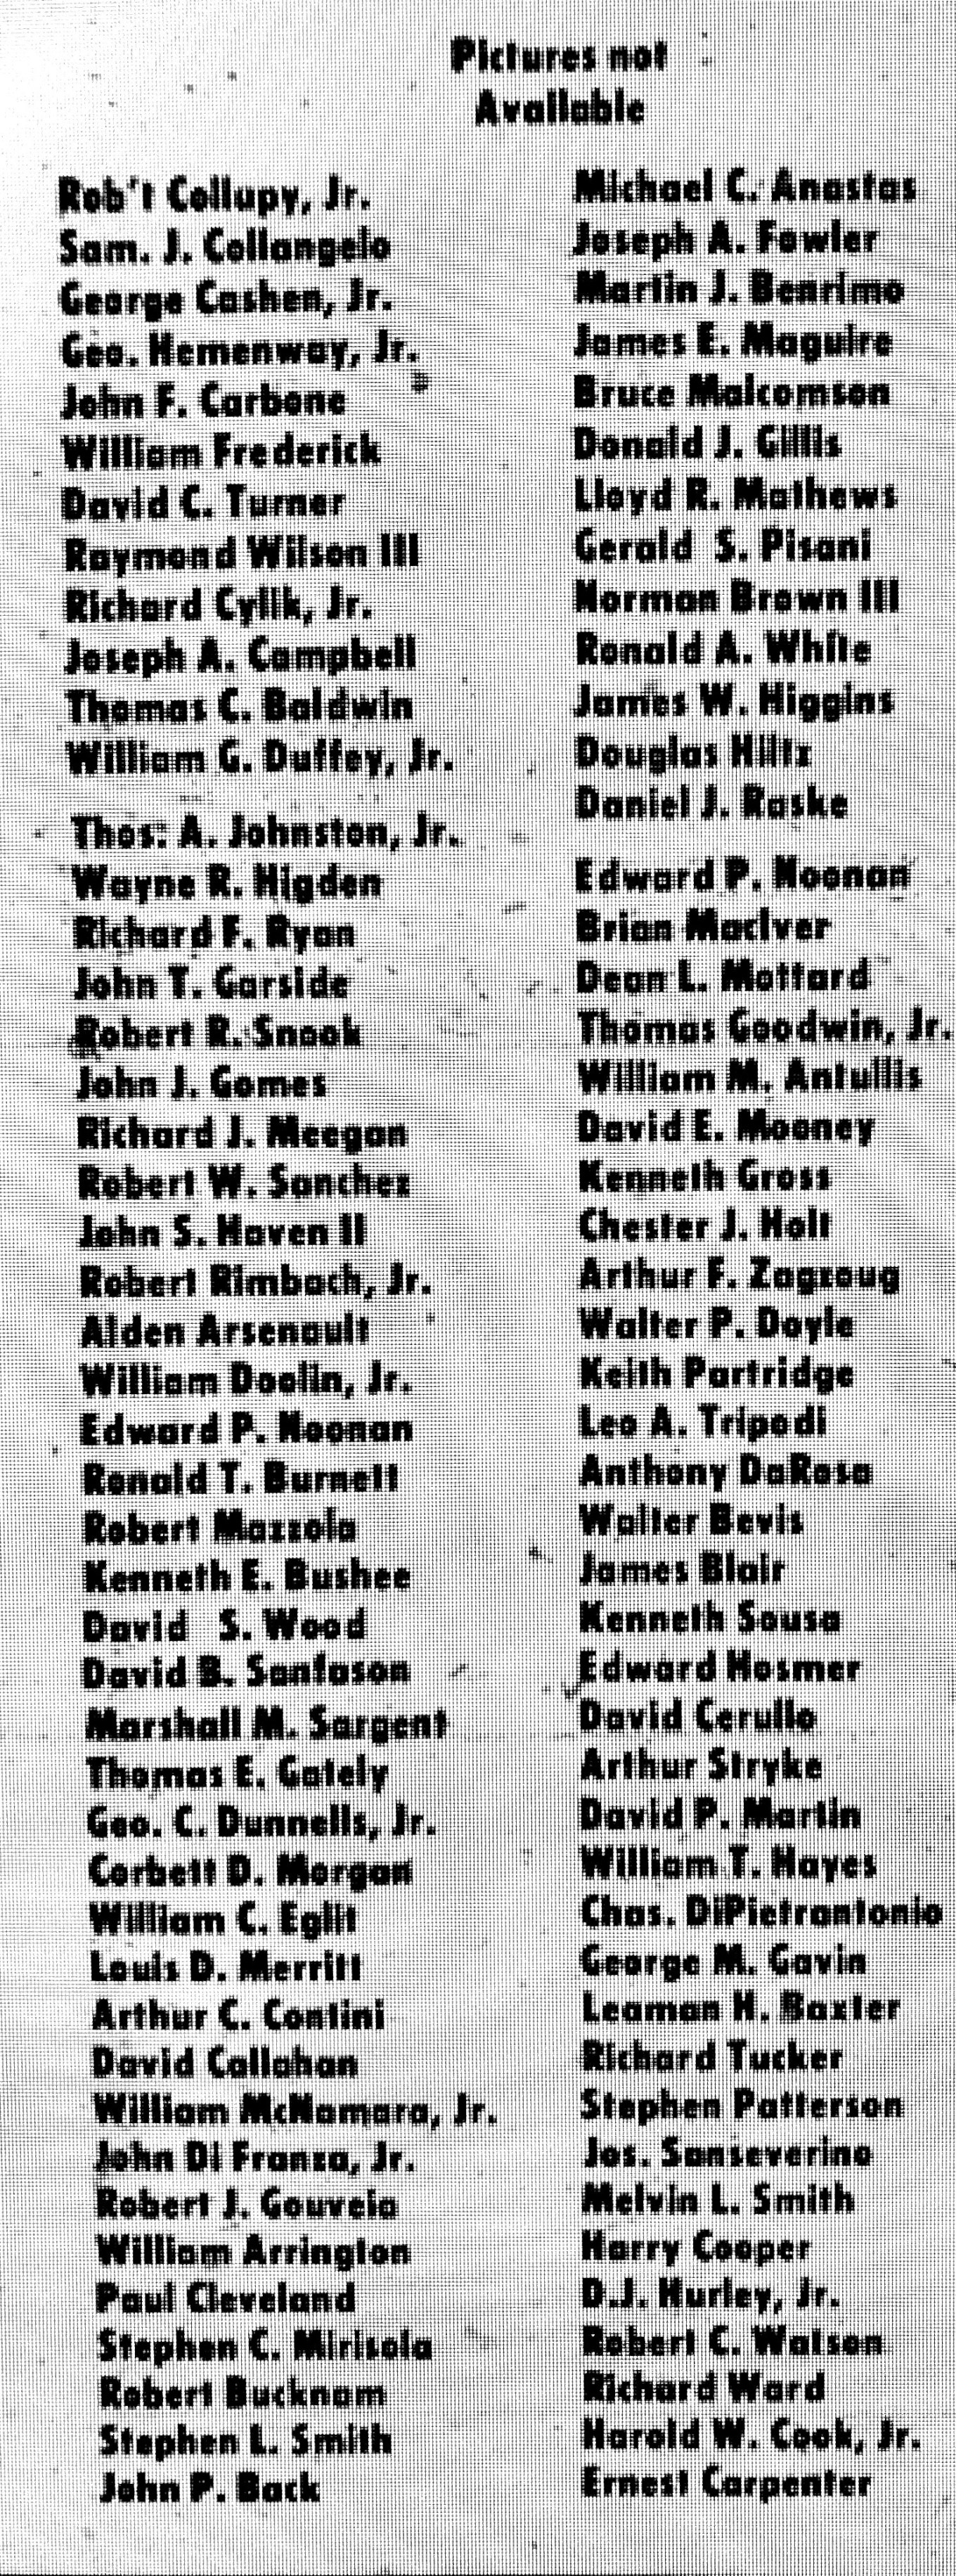 1968 servicemen list